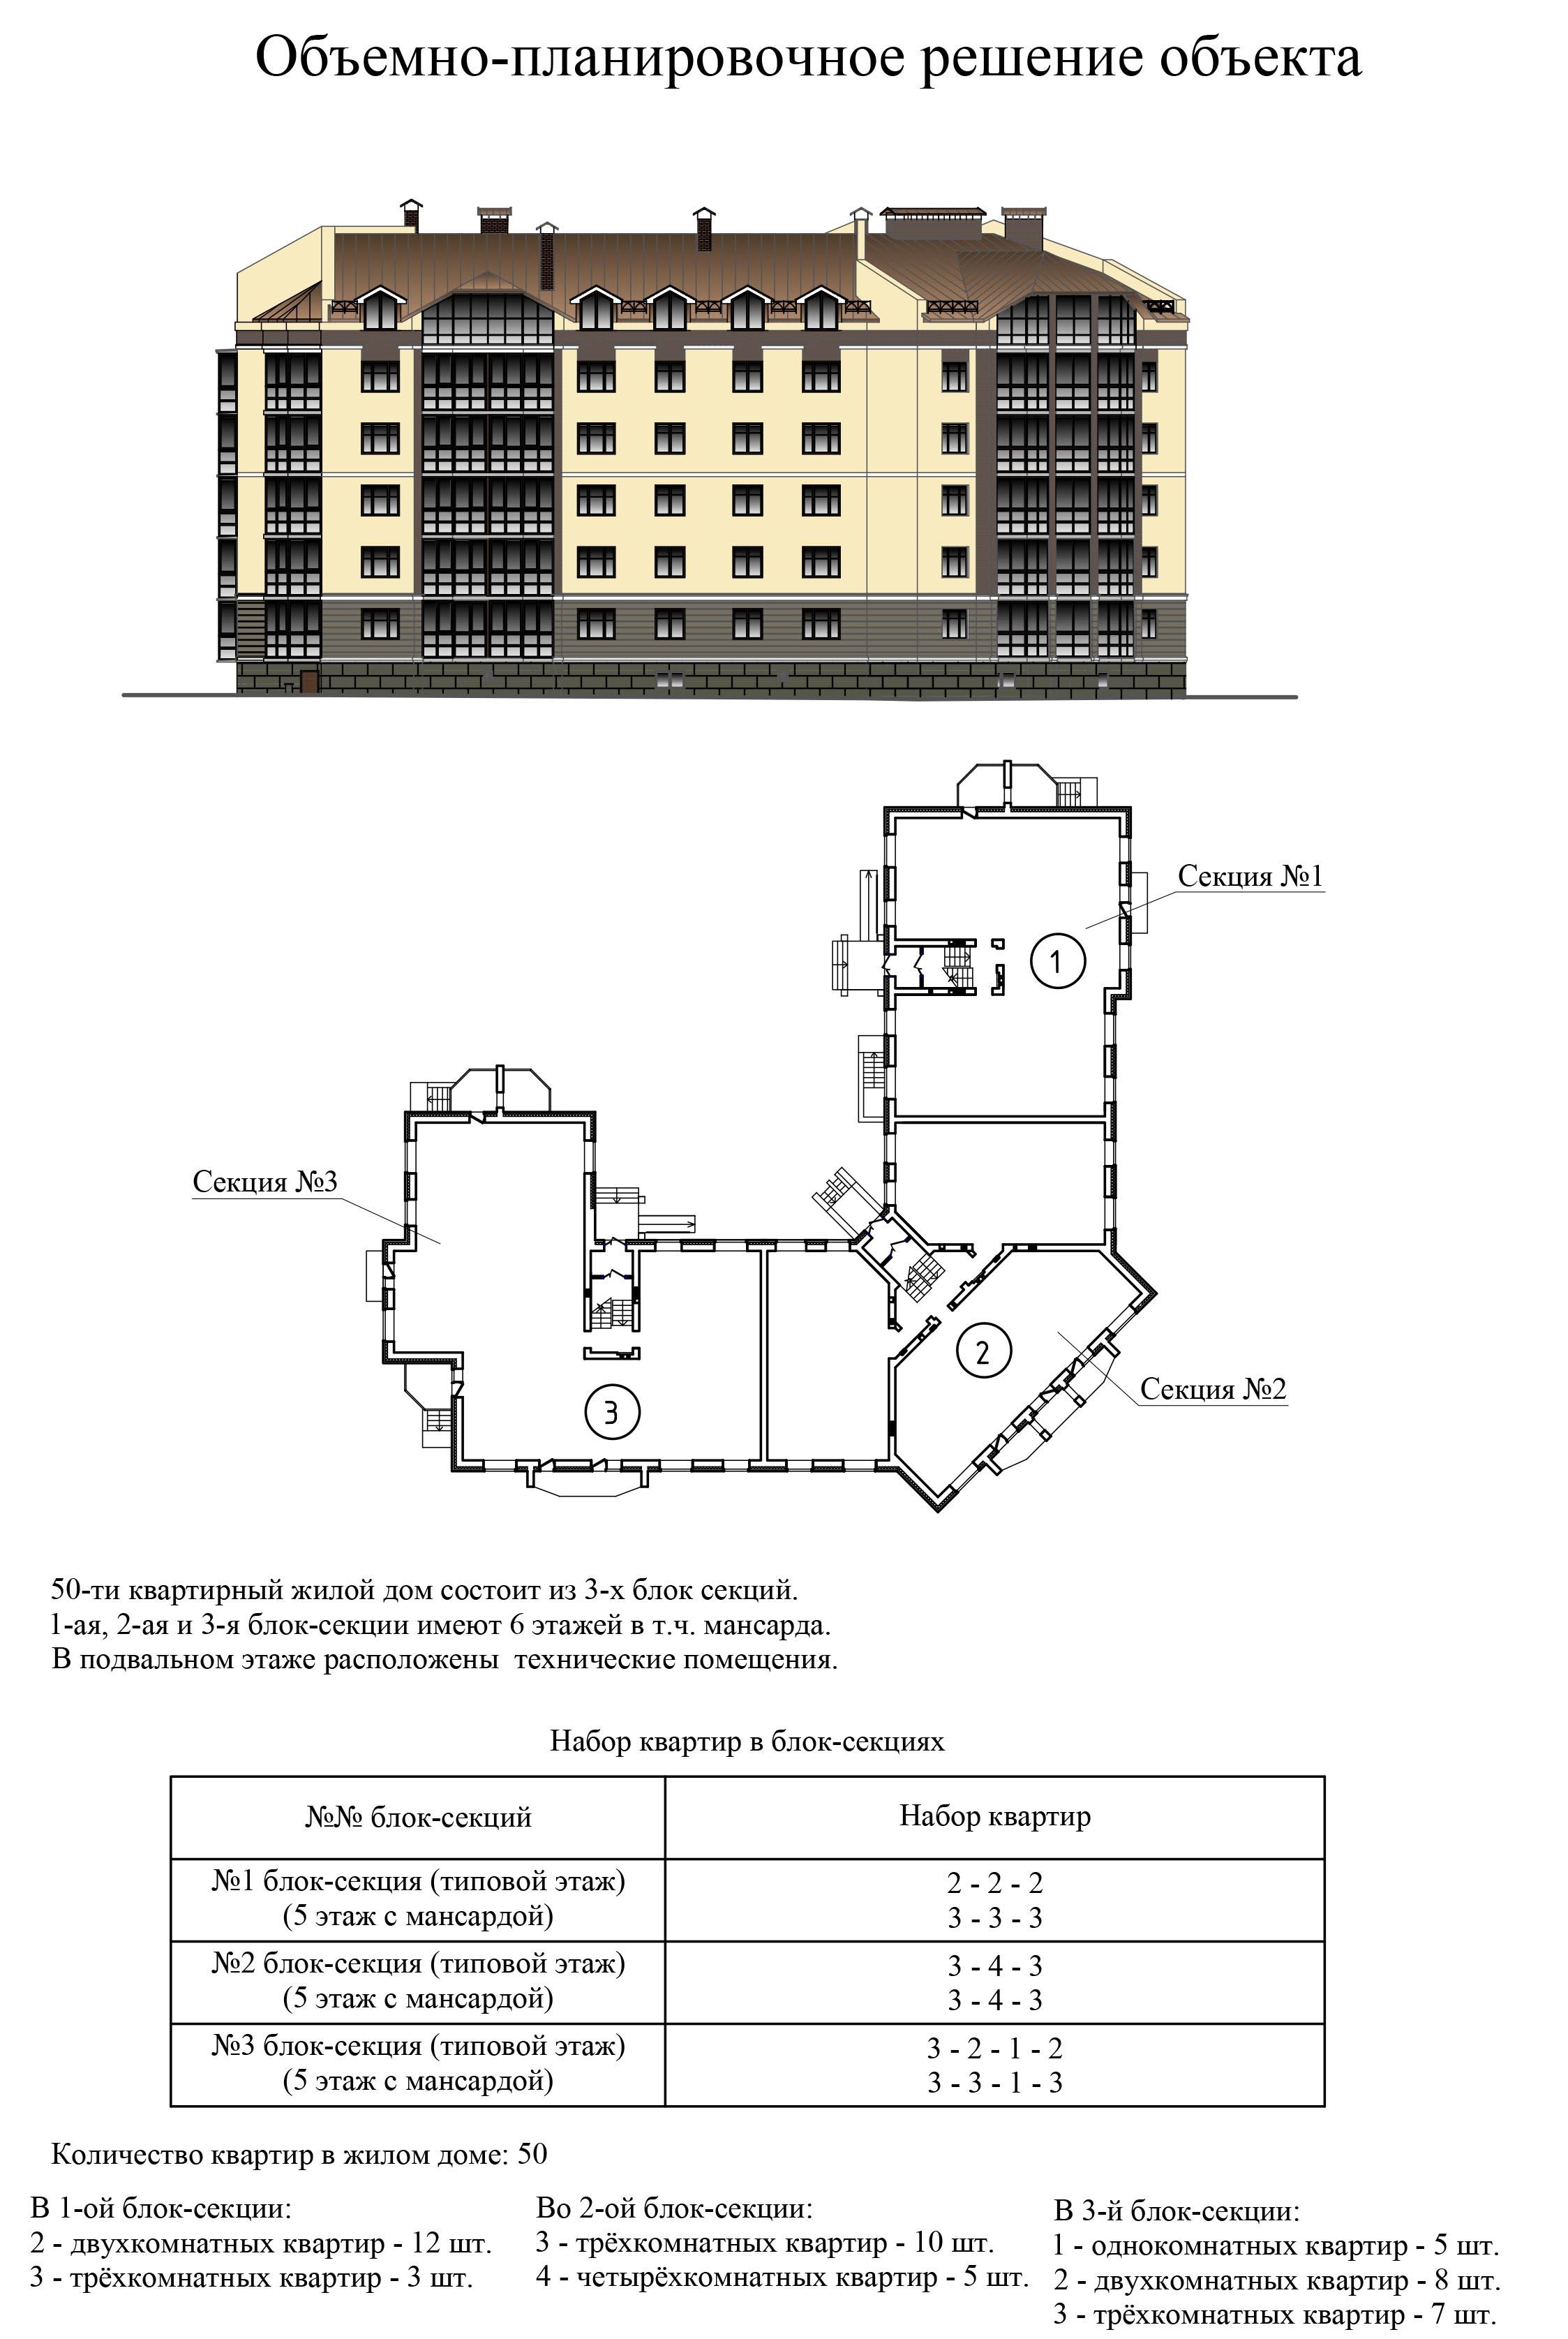 Четырехкомнатная квартира - ул. Завеличенская, д. 6, кв. 29